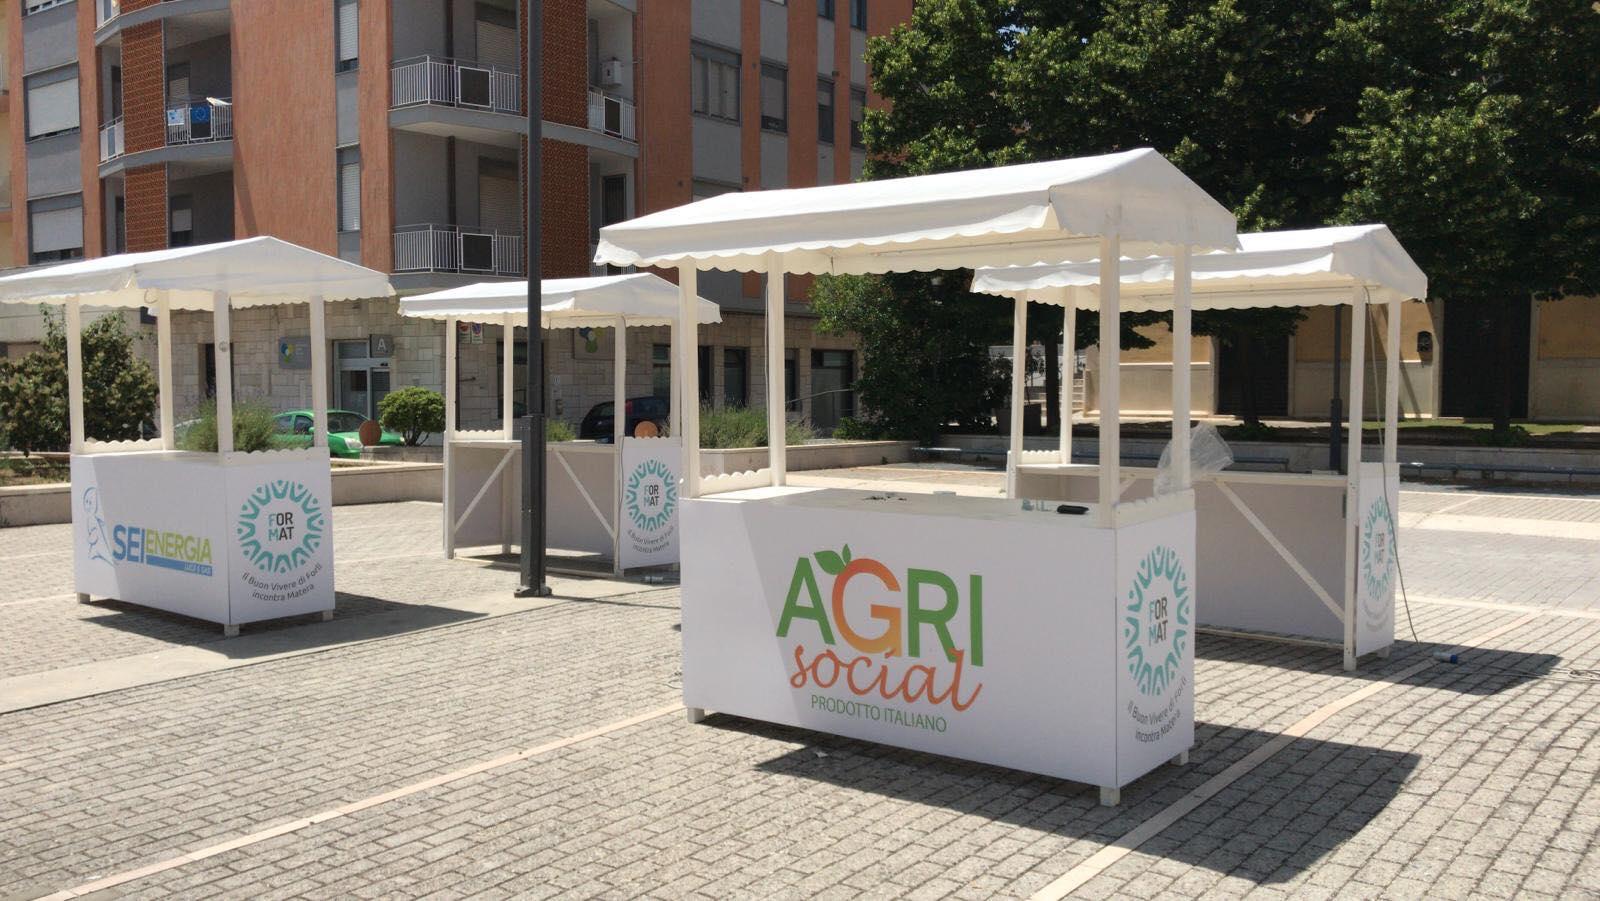 stand for-mat-2019-officinae-agenzia-lean-digital-marketing-management-comunicazione-school-scuola-formazione-matera-basilicata-milano-5